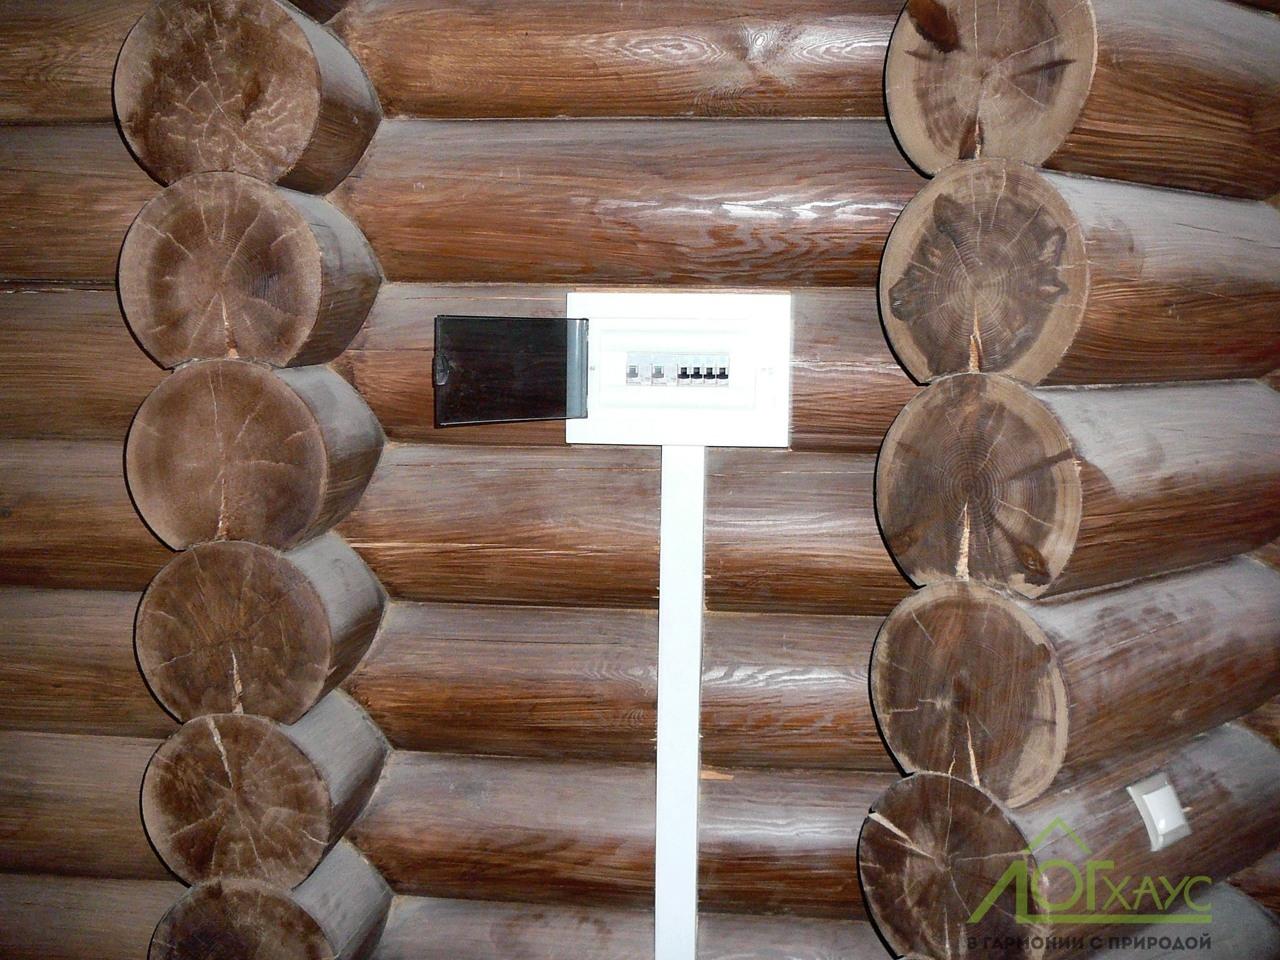 Монтаж электрики в деревянном дом